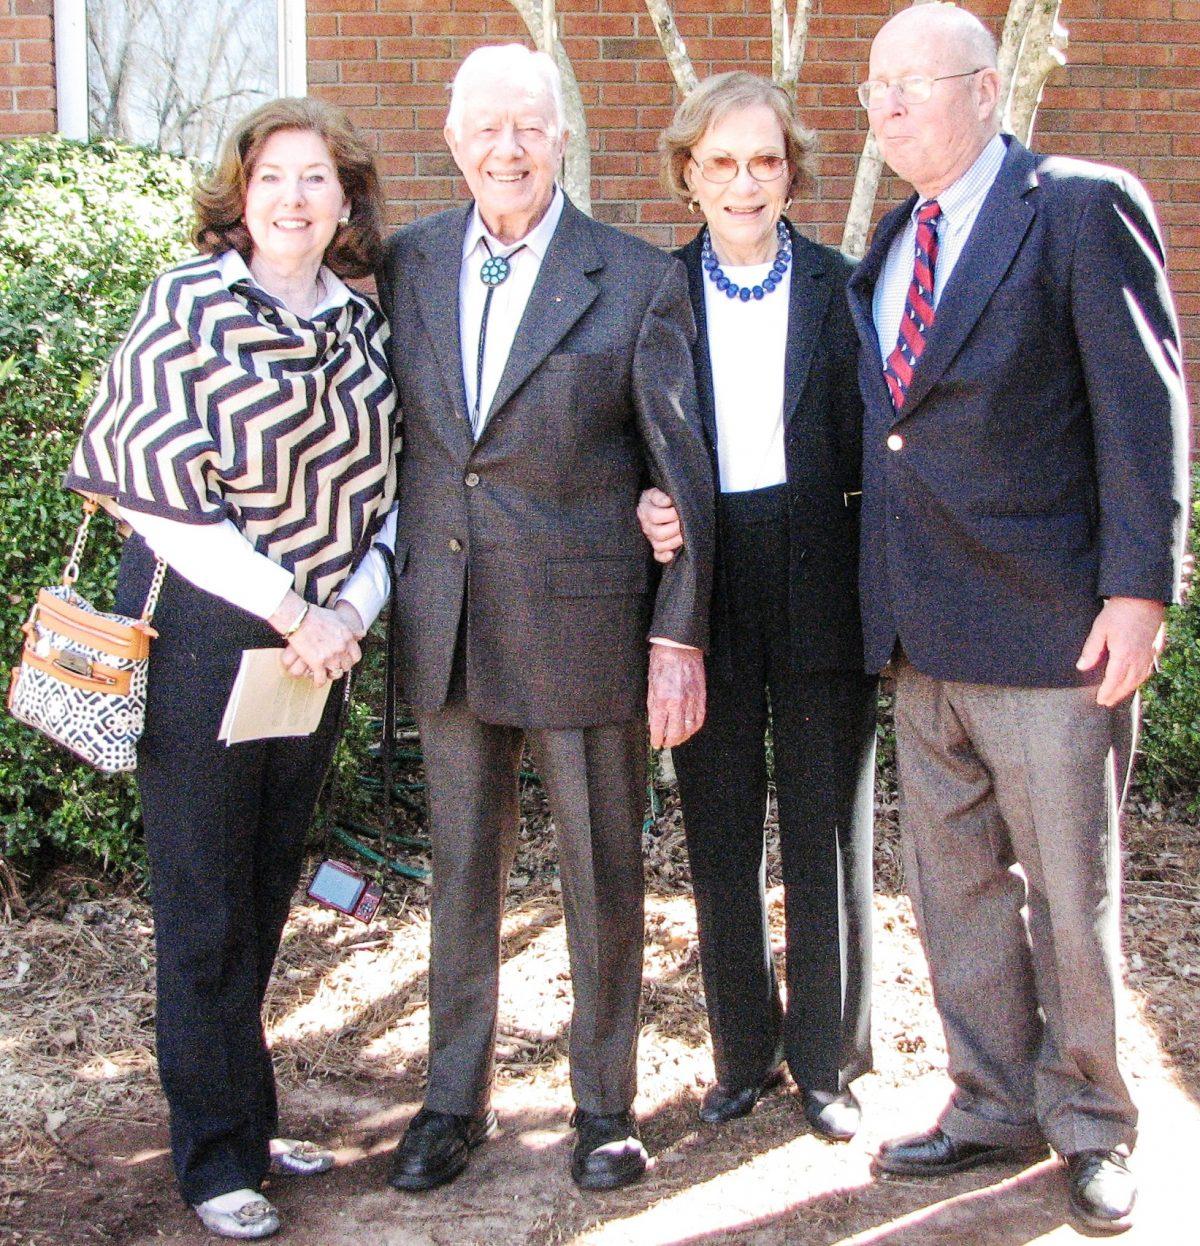 L to R: Becky Turberville, Jimmy Carter, Roselynn Carter, Gene Gibbons